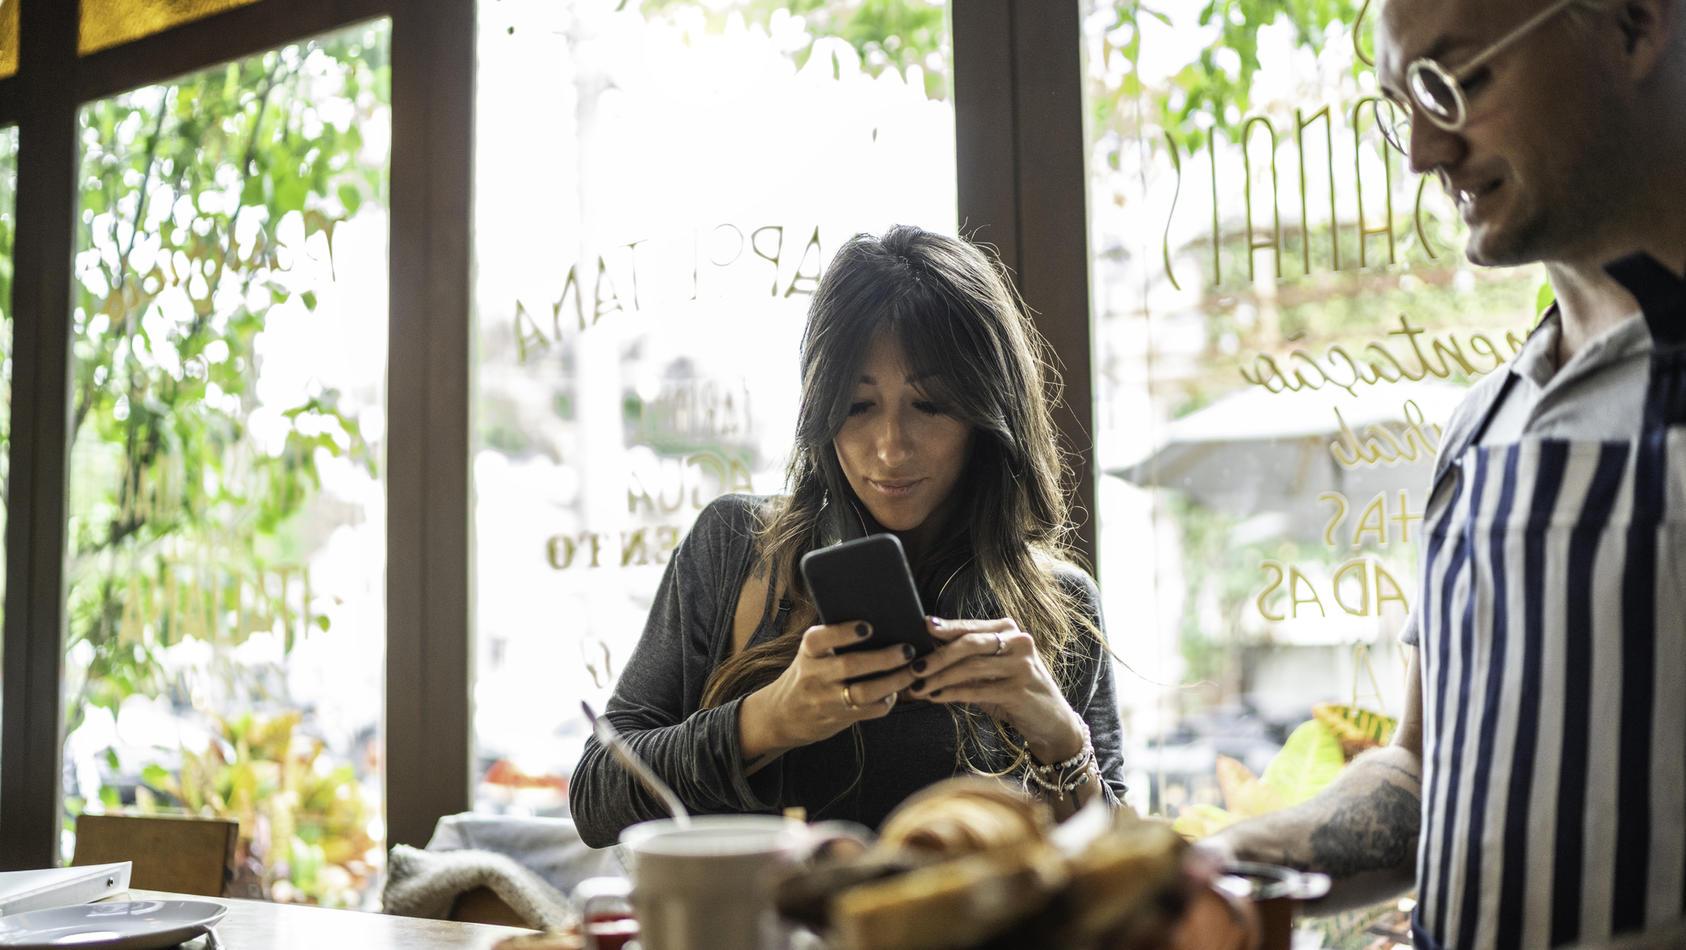 Frau, die Fotos von ihrem Essen für Social Media macht, Kellner an ihrer Seite